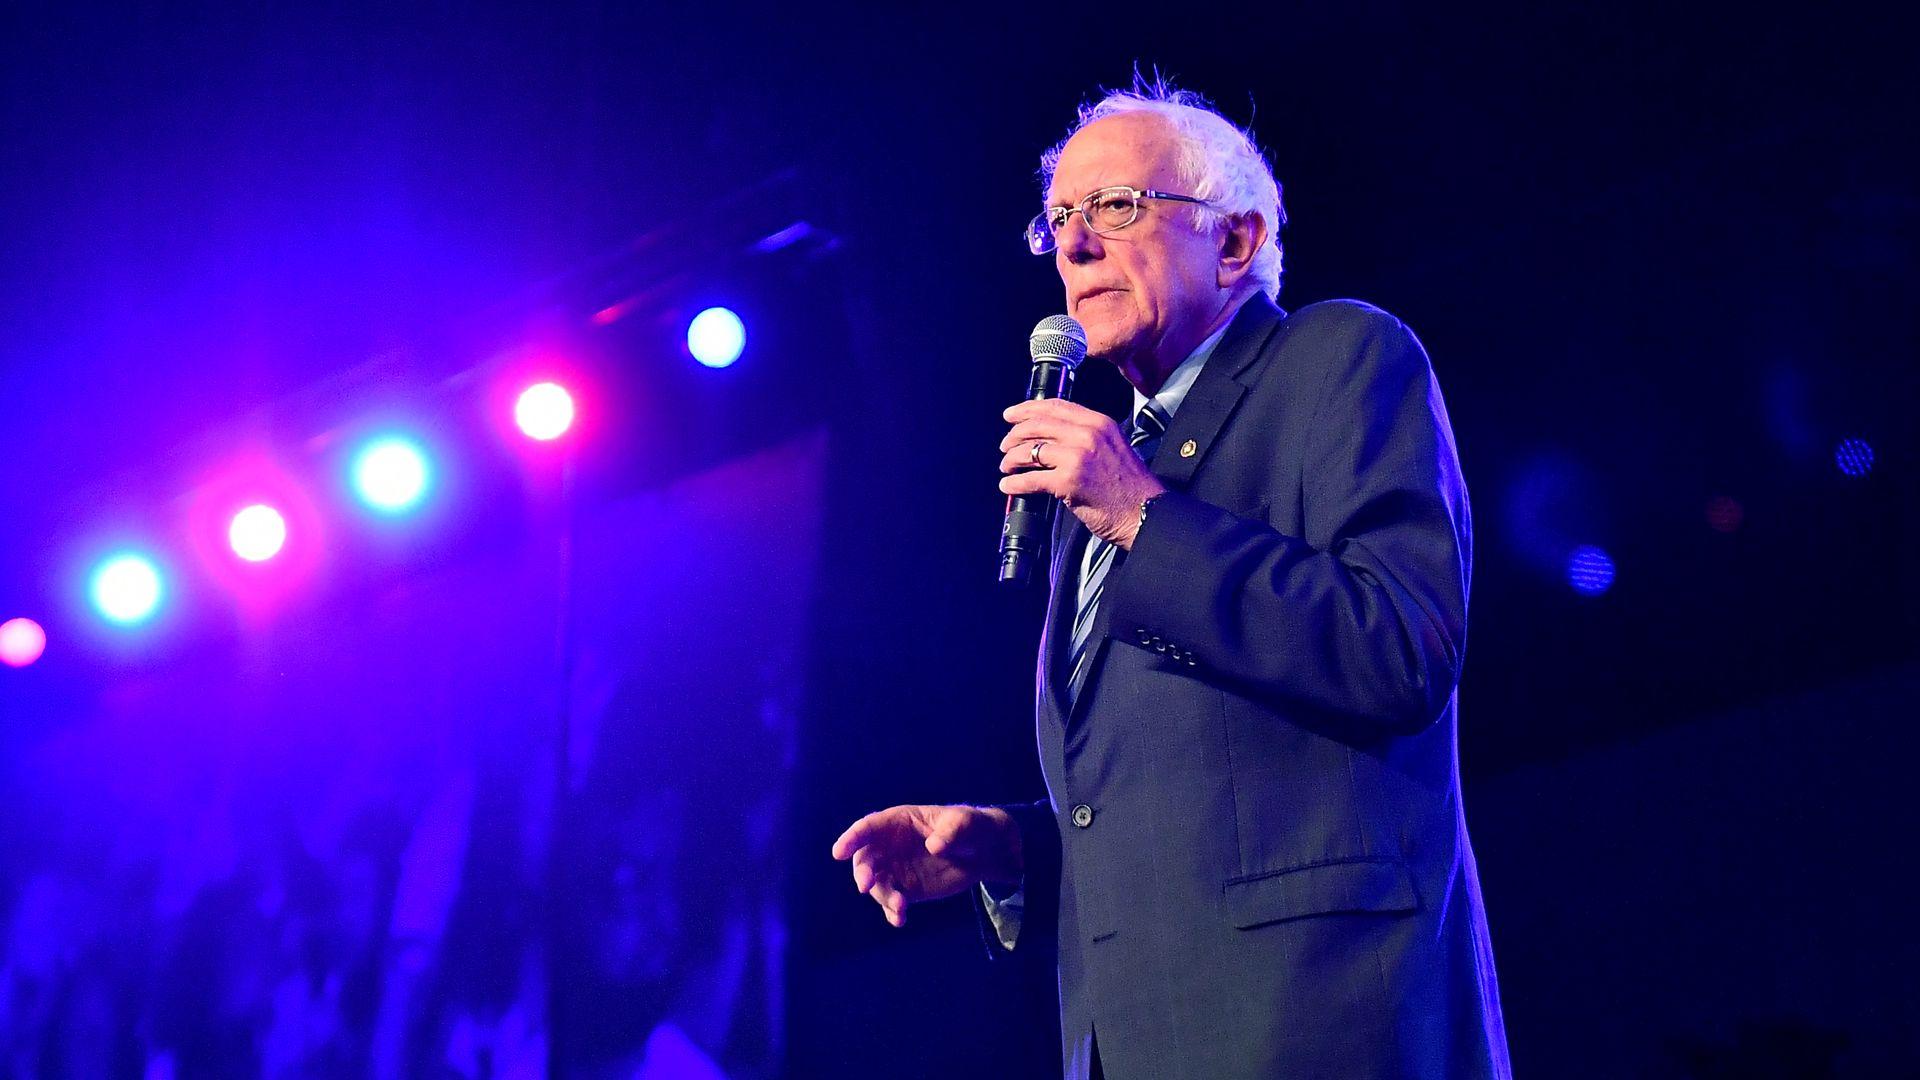 Bernie Sanders on stage